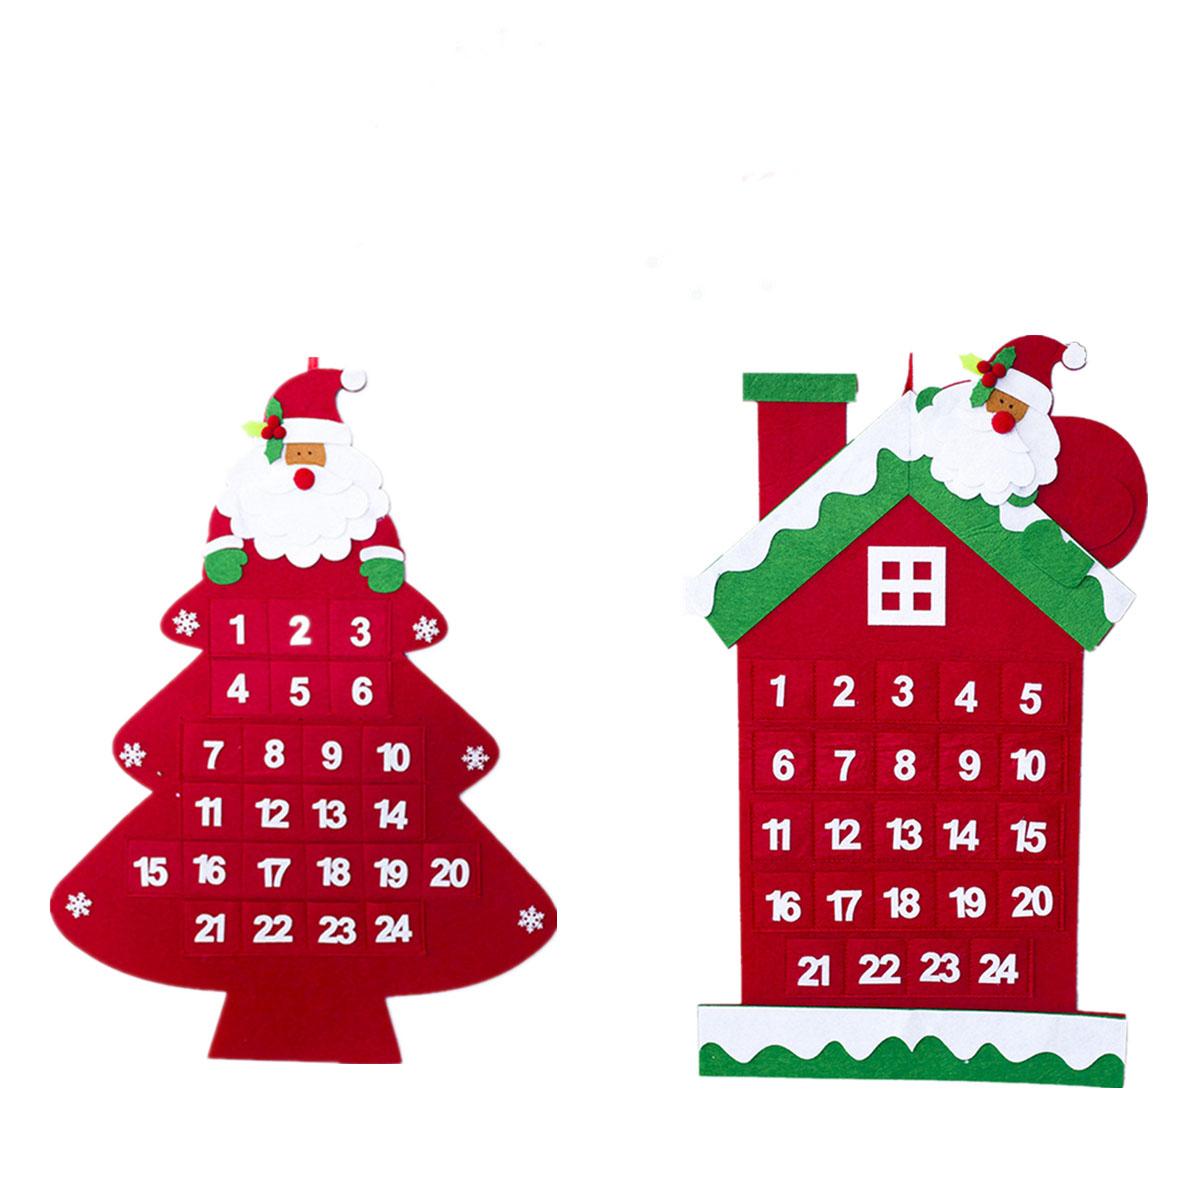 Felt Christmas Tree Advent Calendar: Christmas Tree Advent Calendar Felt Fabric Holiday